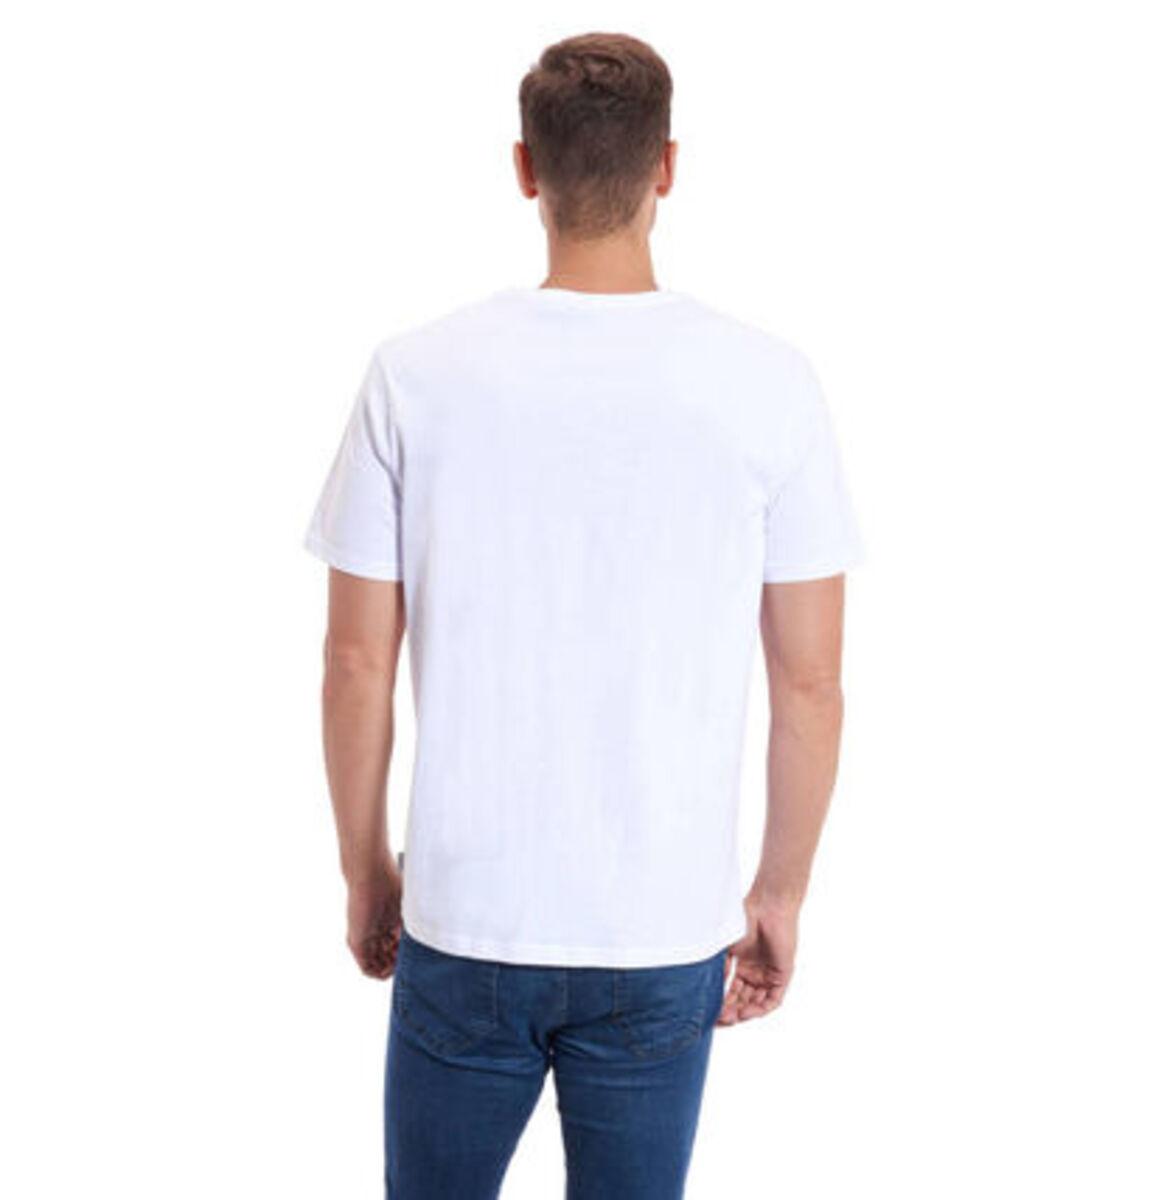 Bild 2 von manguun Herren Weihnachts-T-Shirt